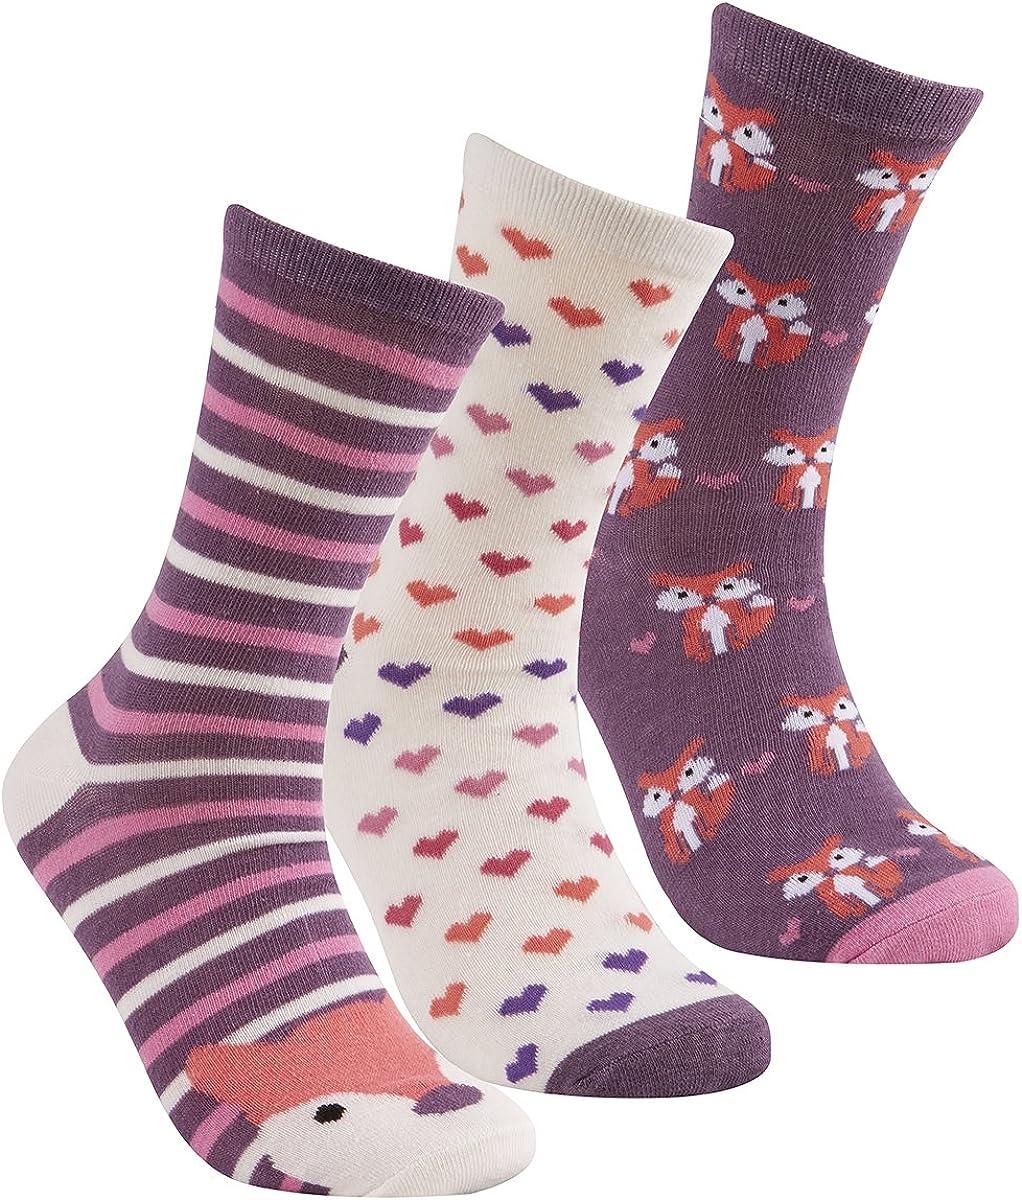 Cottonique chaussettes motif animal riches en coton pour femmes 4-8